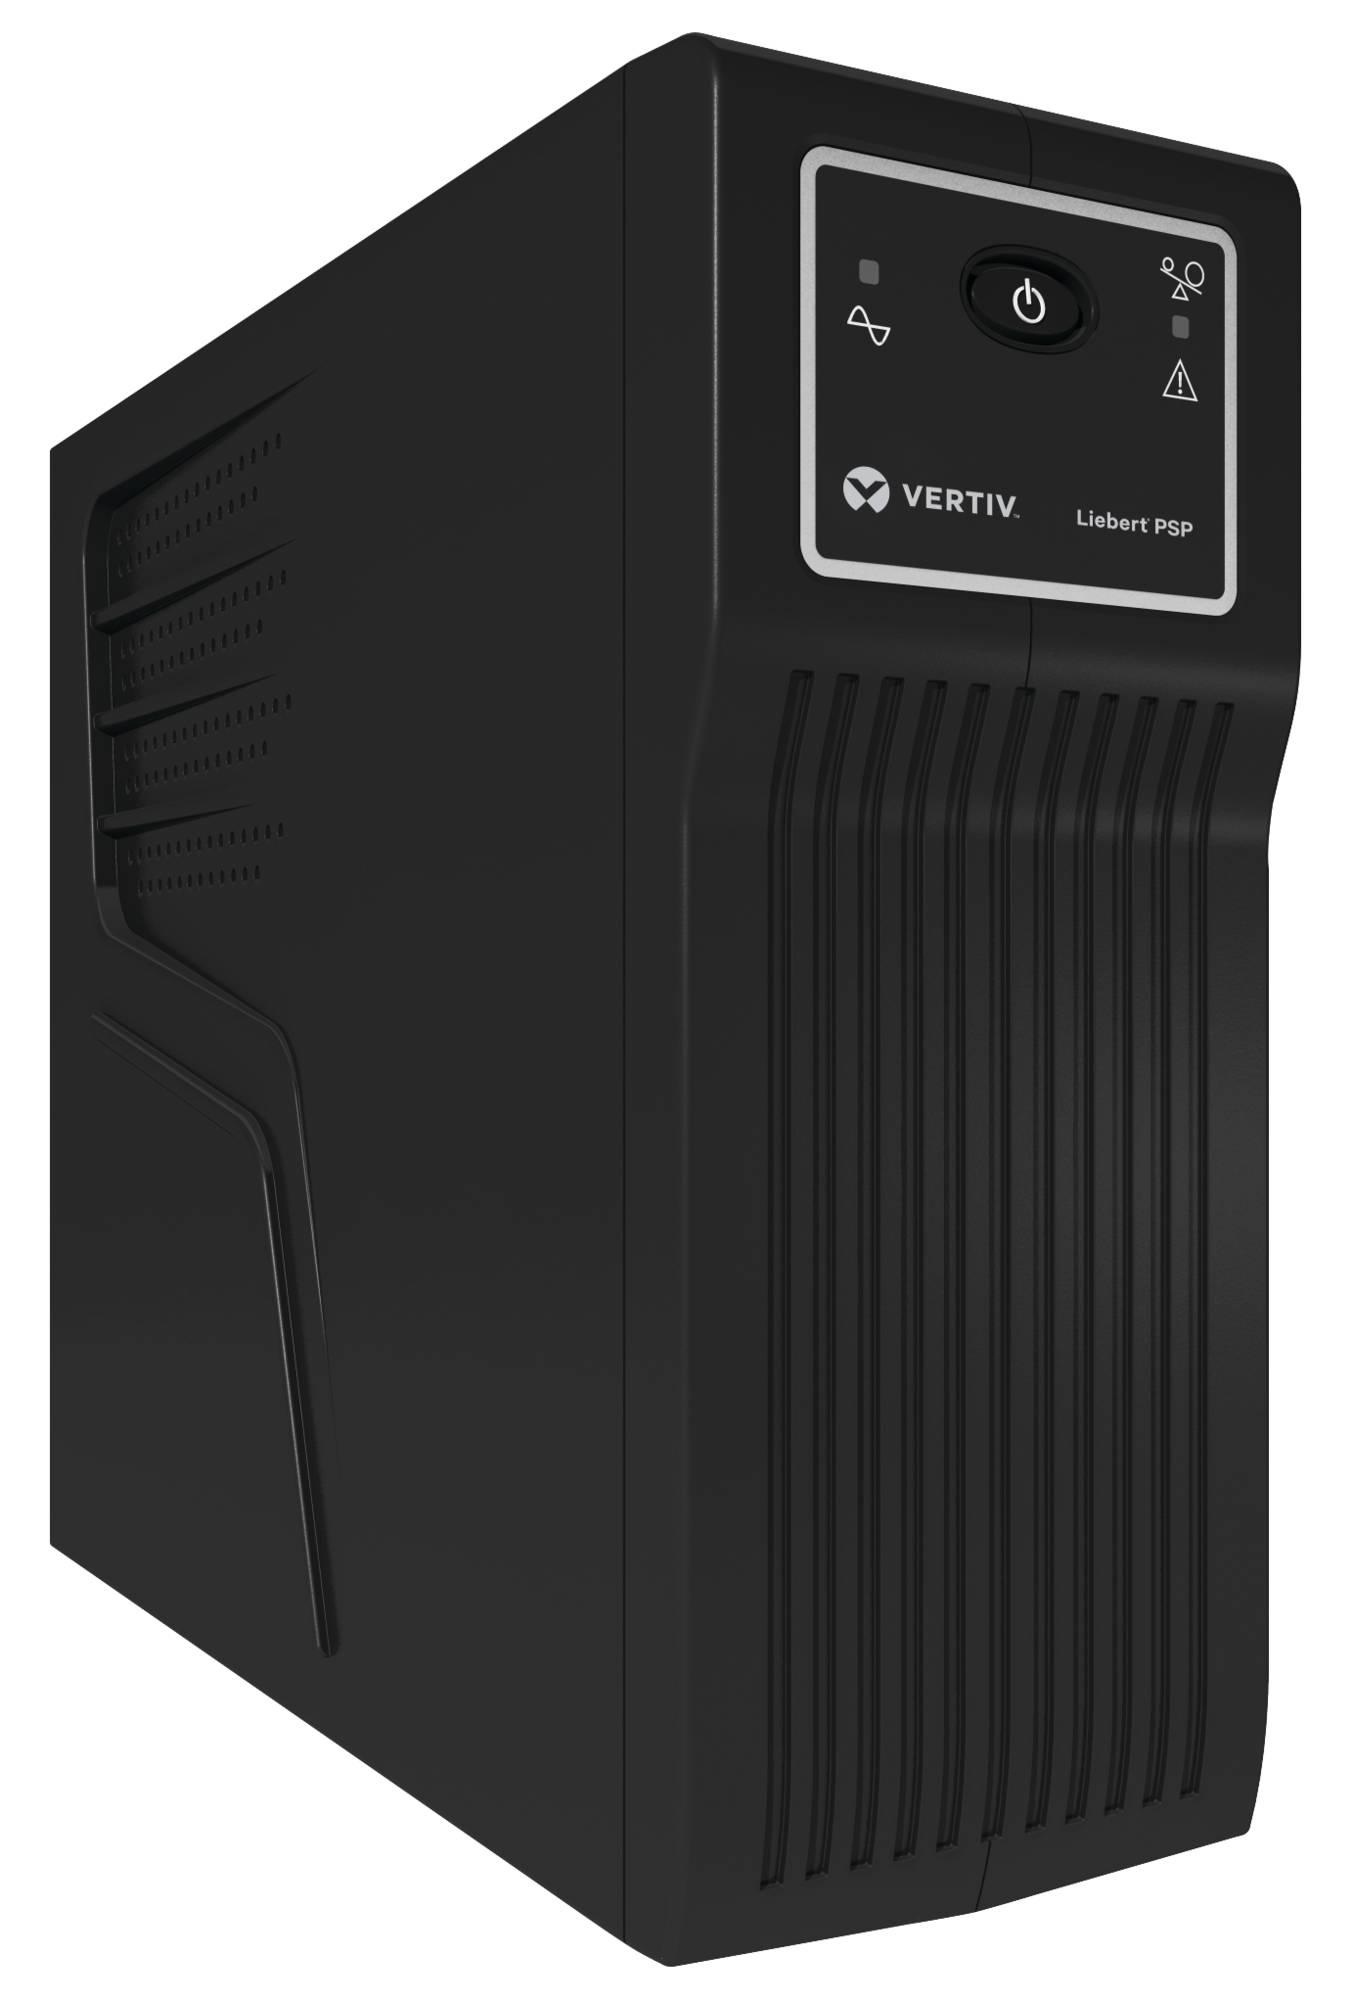 Vertiv Liebert SAI PSP 500 VA (300 W) 230 V